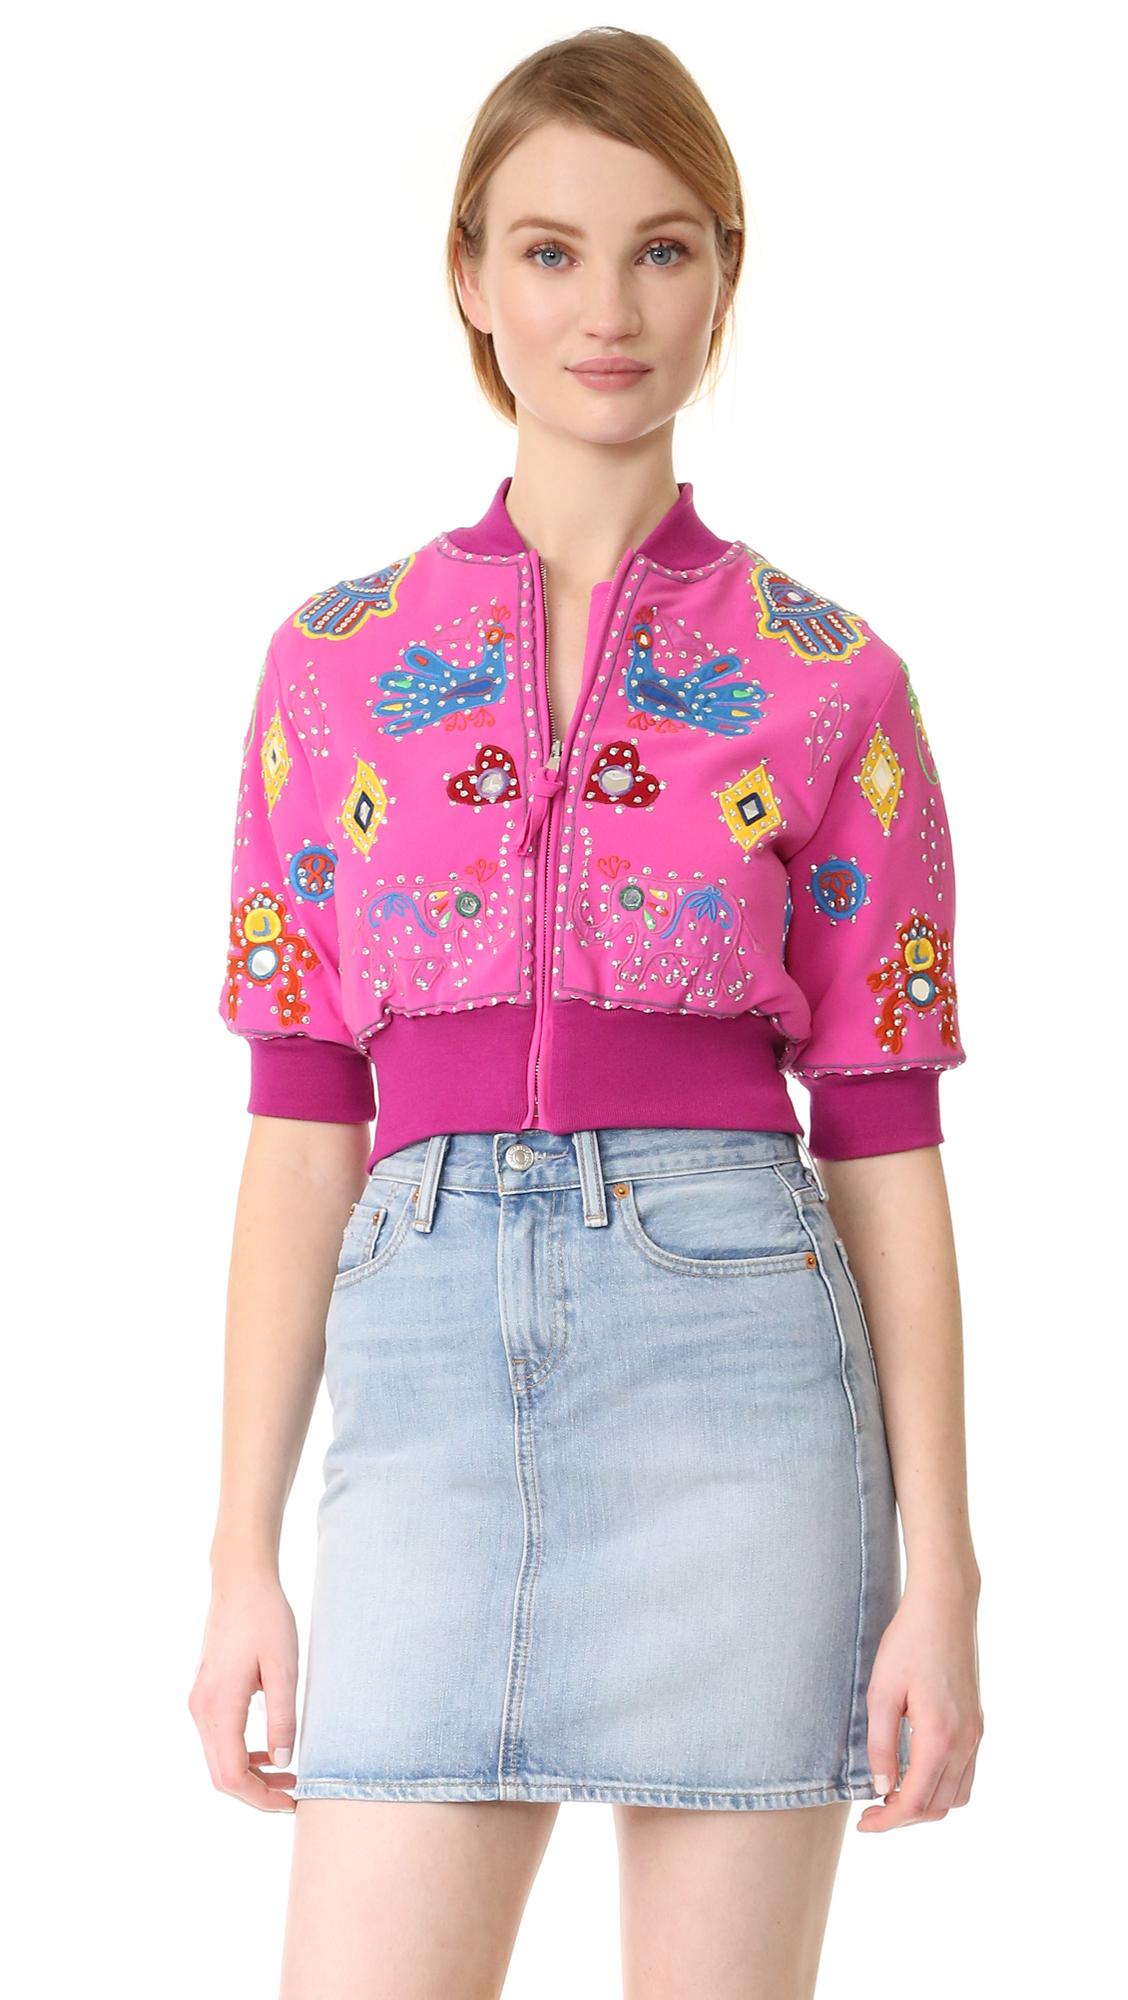 Moschino Cropped Jacket - Fantasy Print Violet at Shopbop